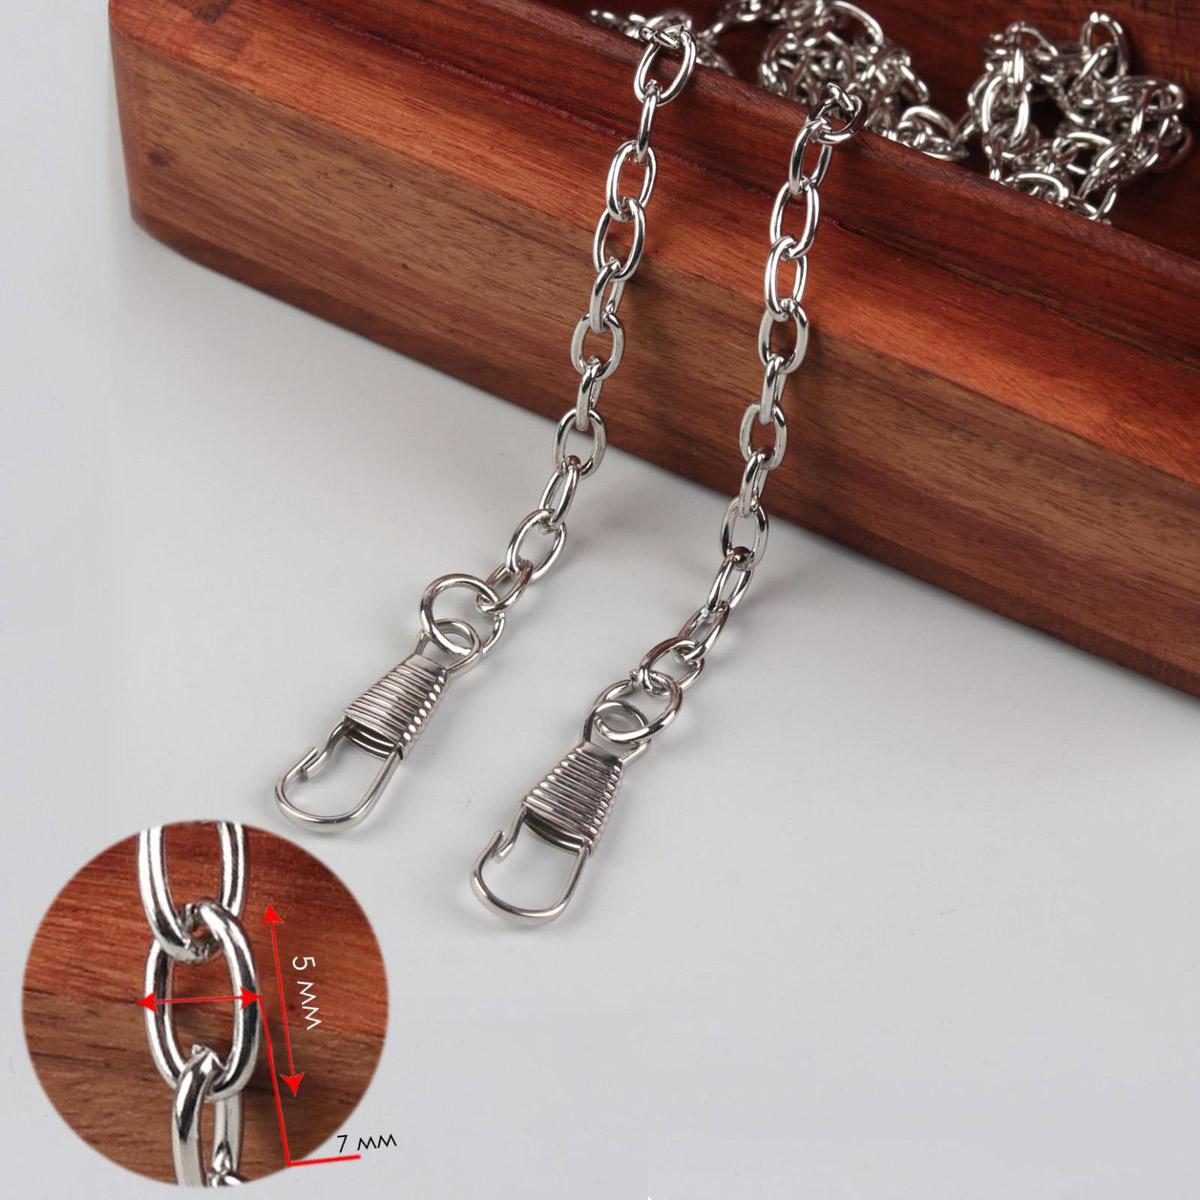 3636030 Цепочка для сумки с карабинами железо 120см 5*7мм серебряный